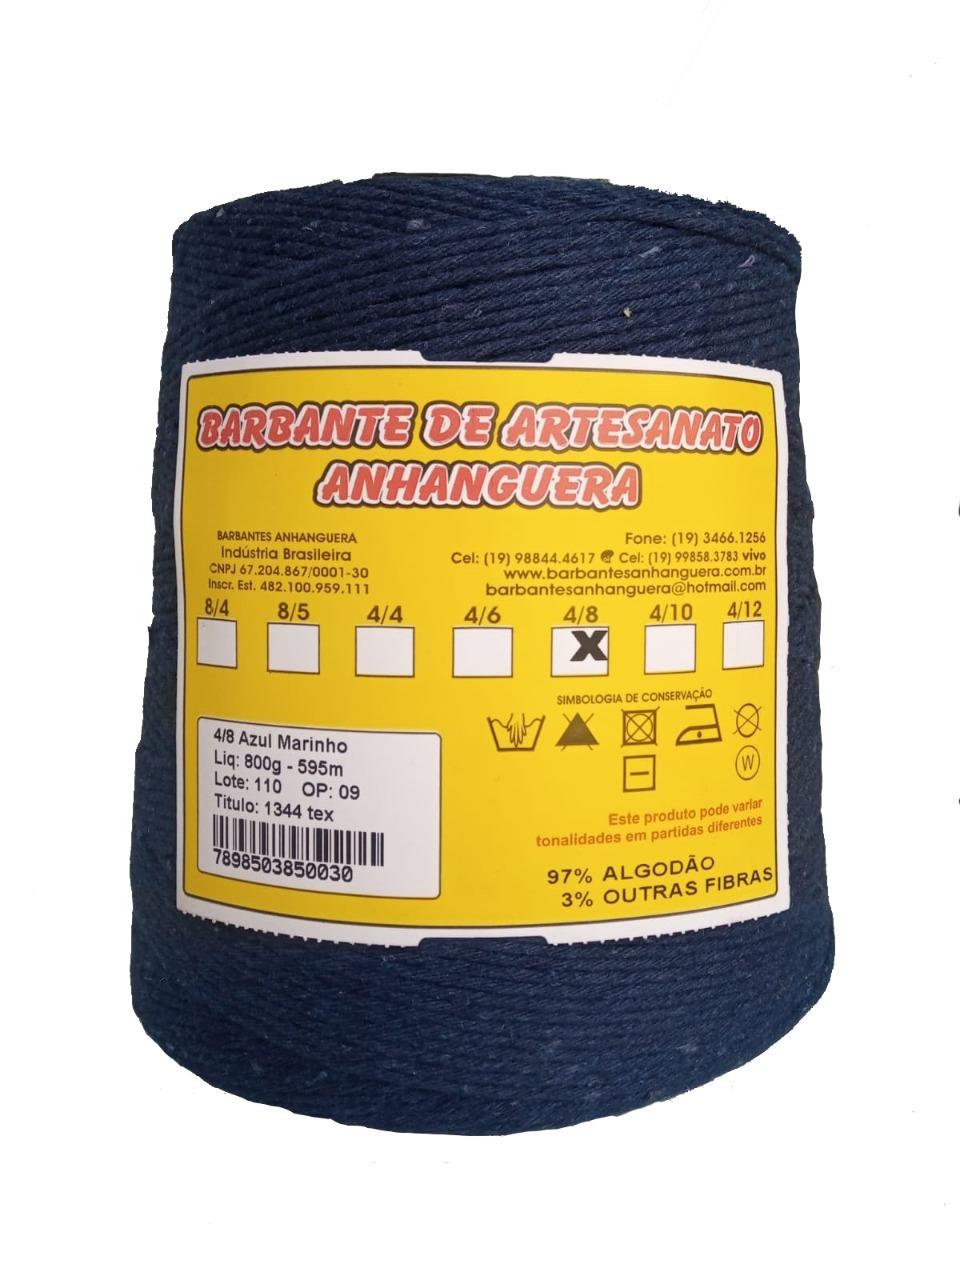 Barbante 4/8 800g 590m Azul Marinho - Anhanguera